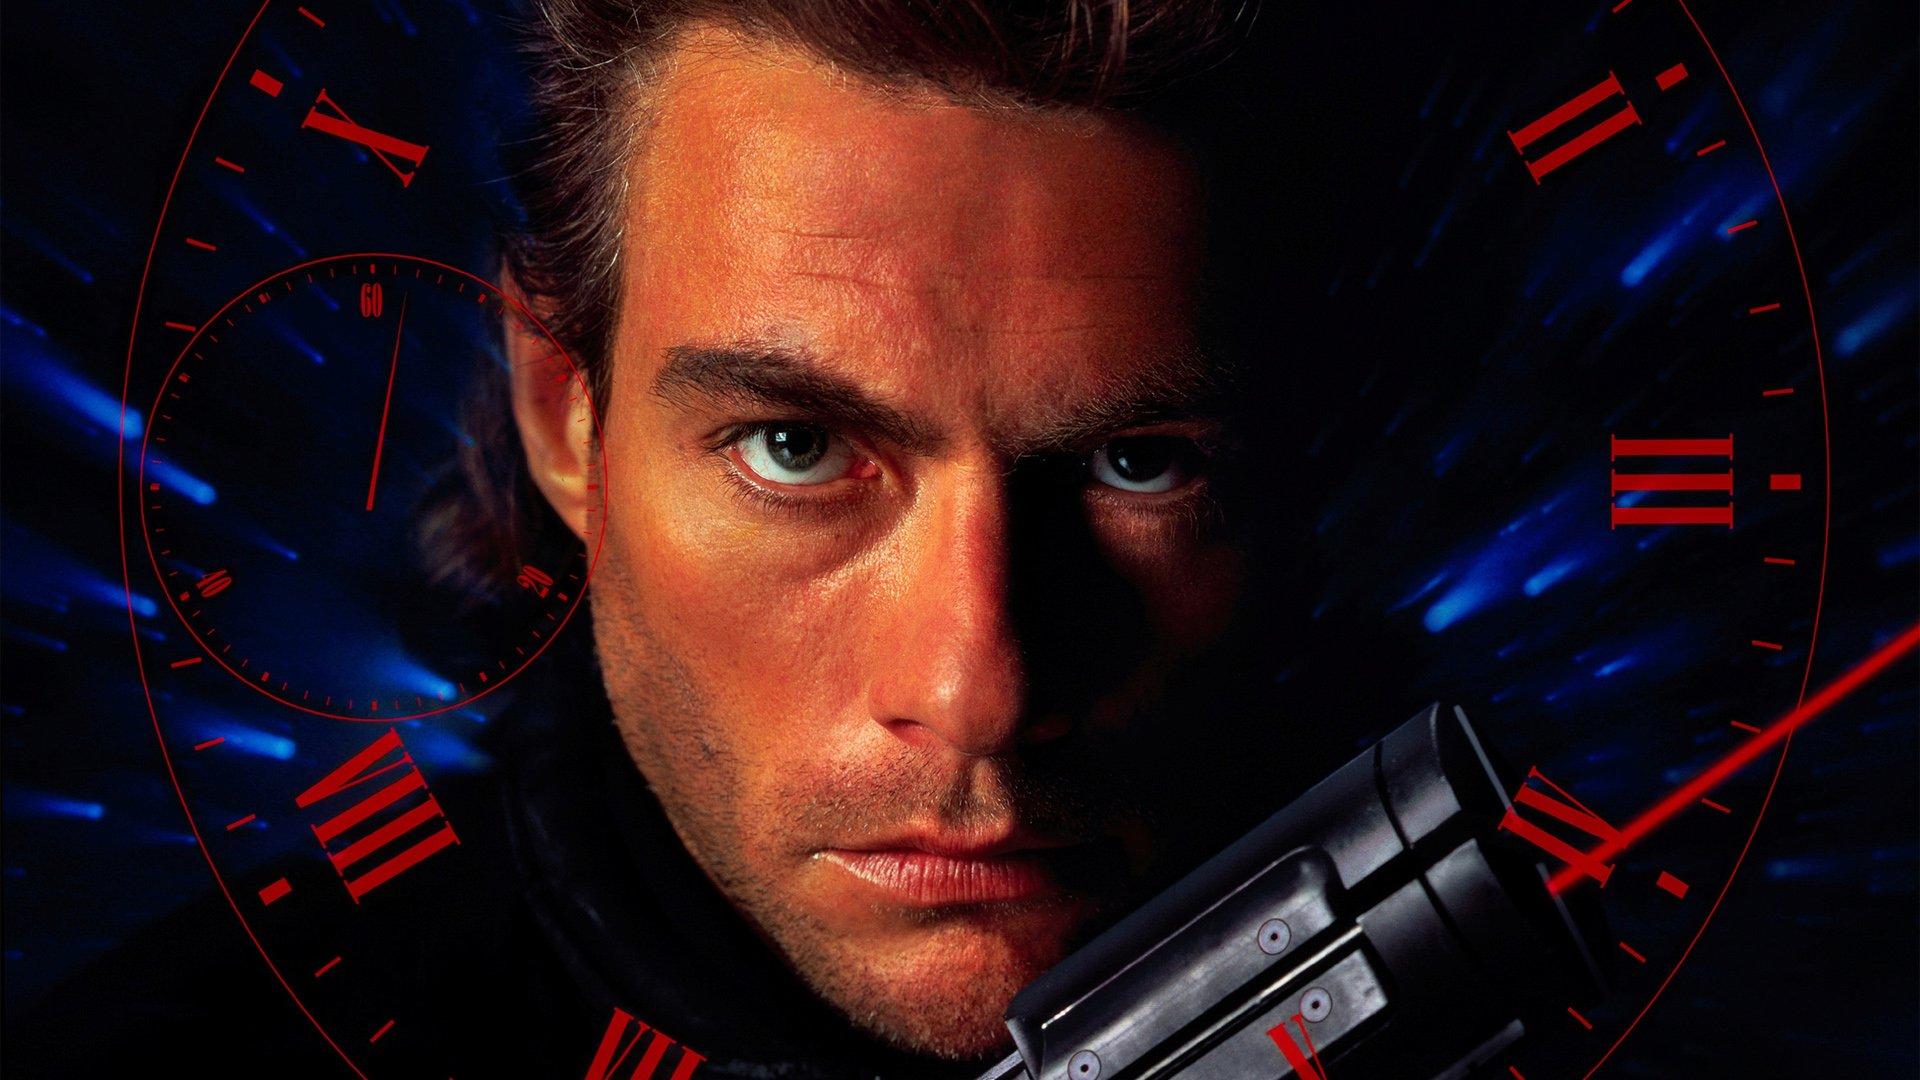 Movie - Timecop  Jean-claude Van Damme Wallpaper